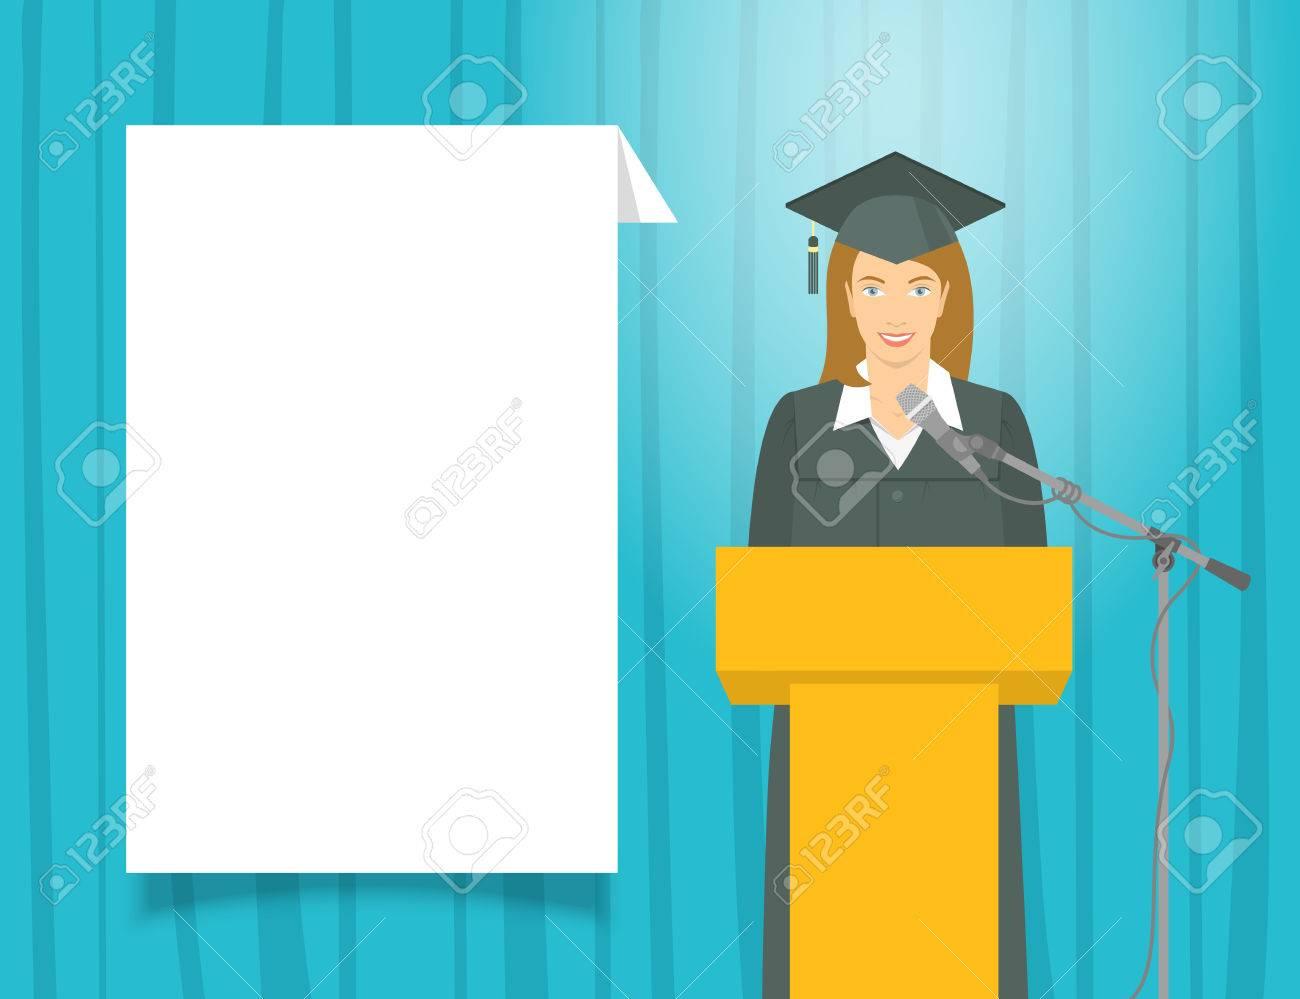 d05058821 Ceremonia Discurso De Graduación Plana Ilustración. Graduado De La Muchacha  Sonriente Joven En Un Vestido Y Un Birrete Se Sitúa En Un Podio Y Da Un  Discurso ...